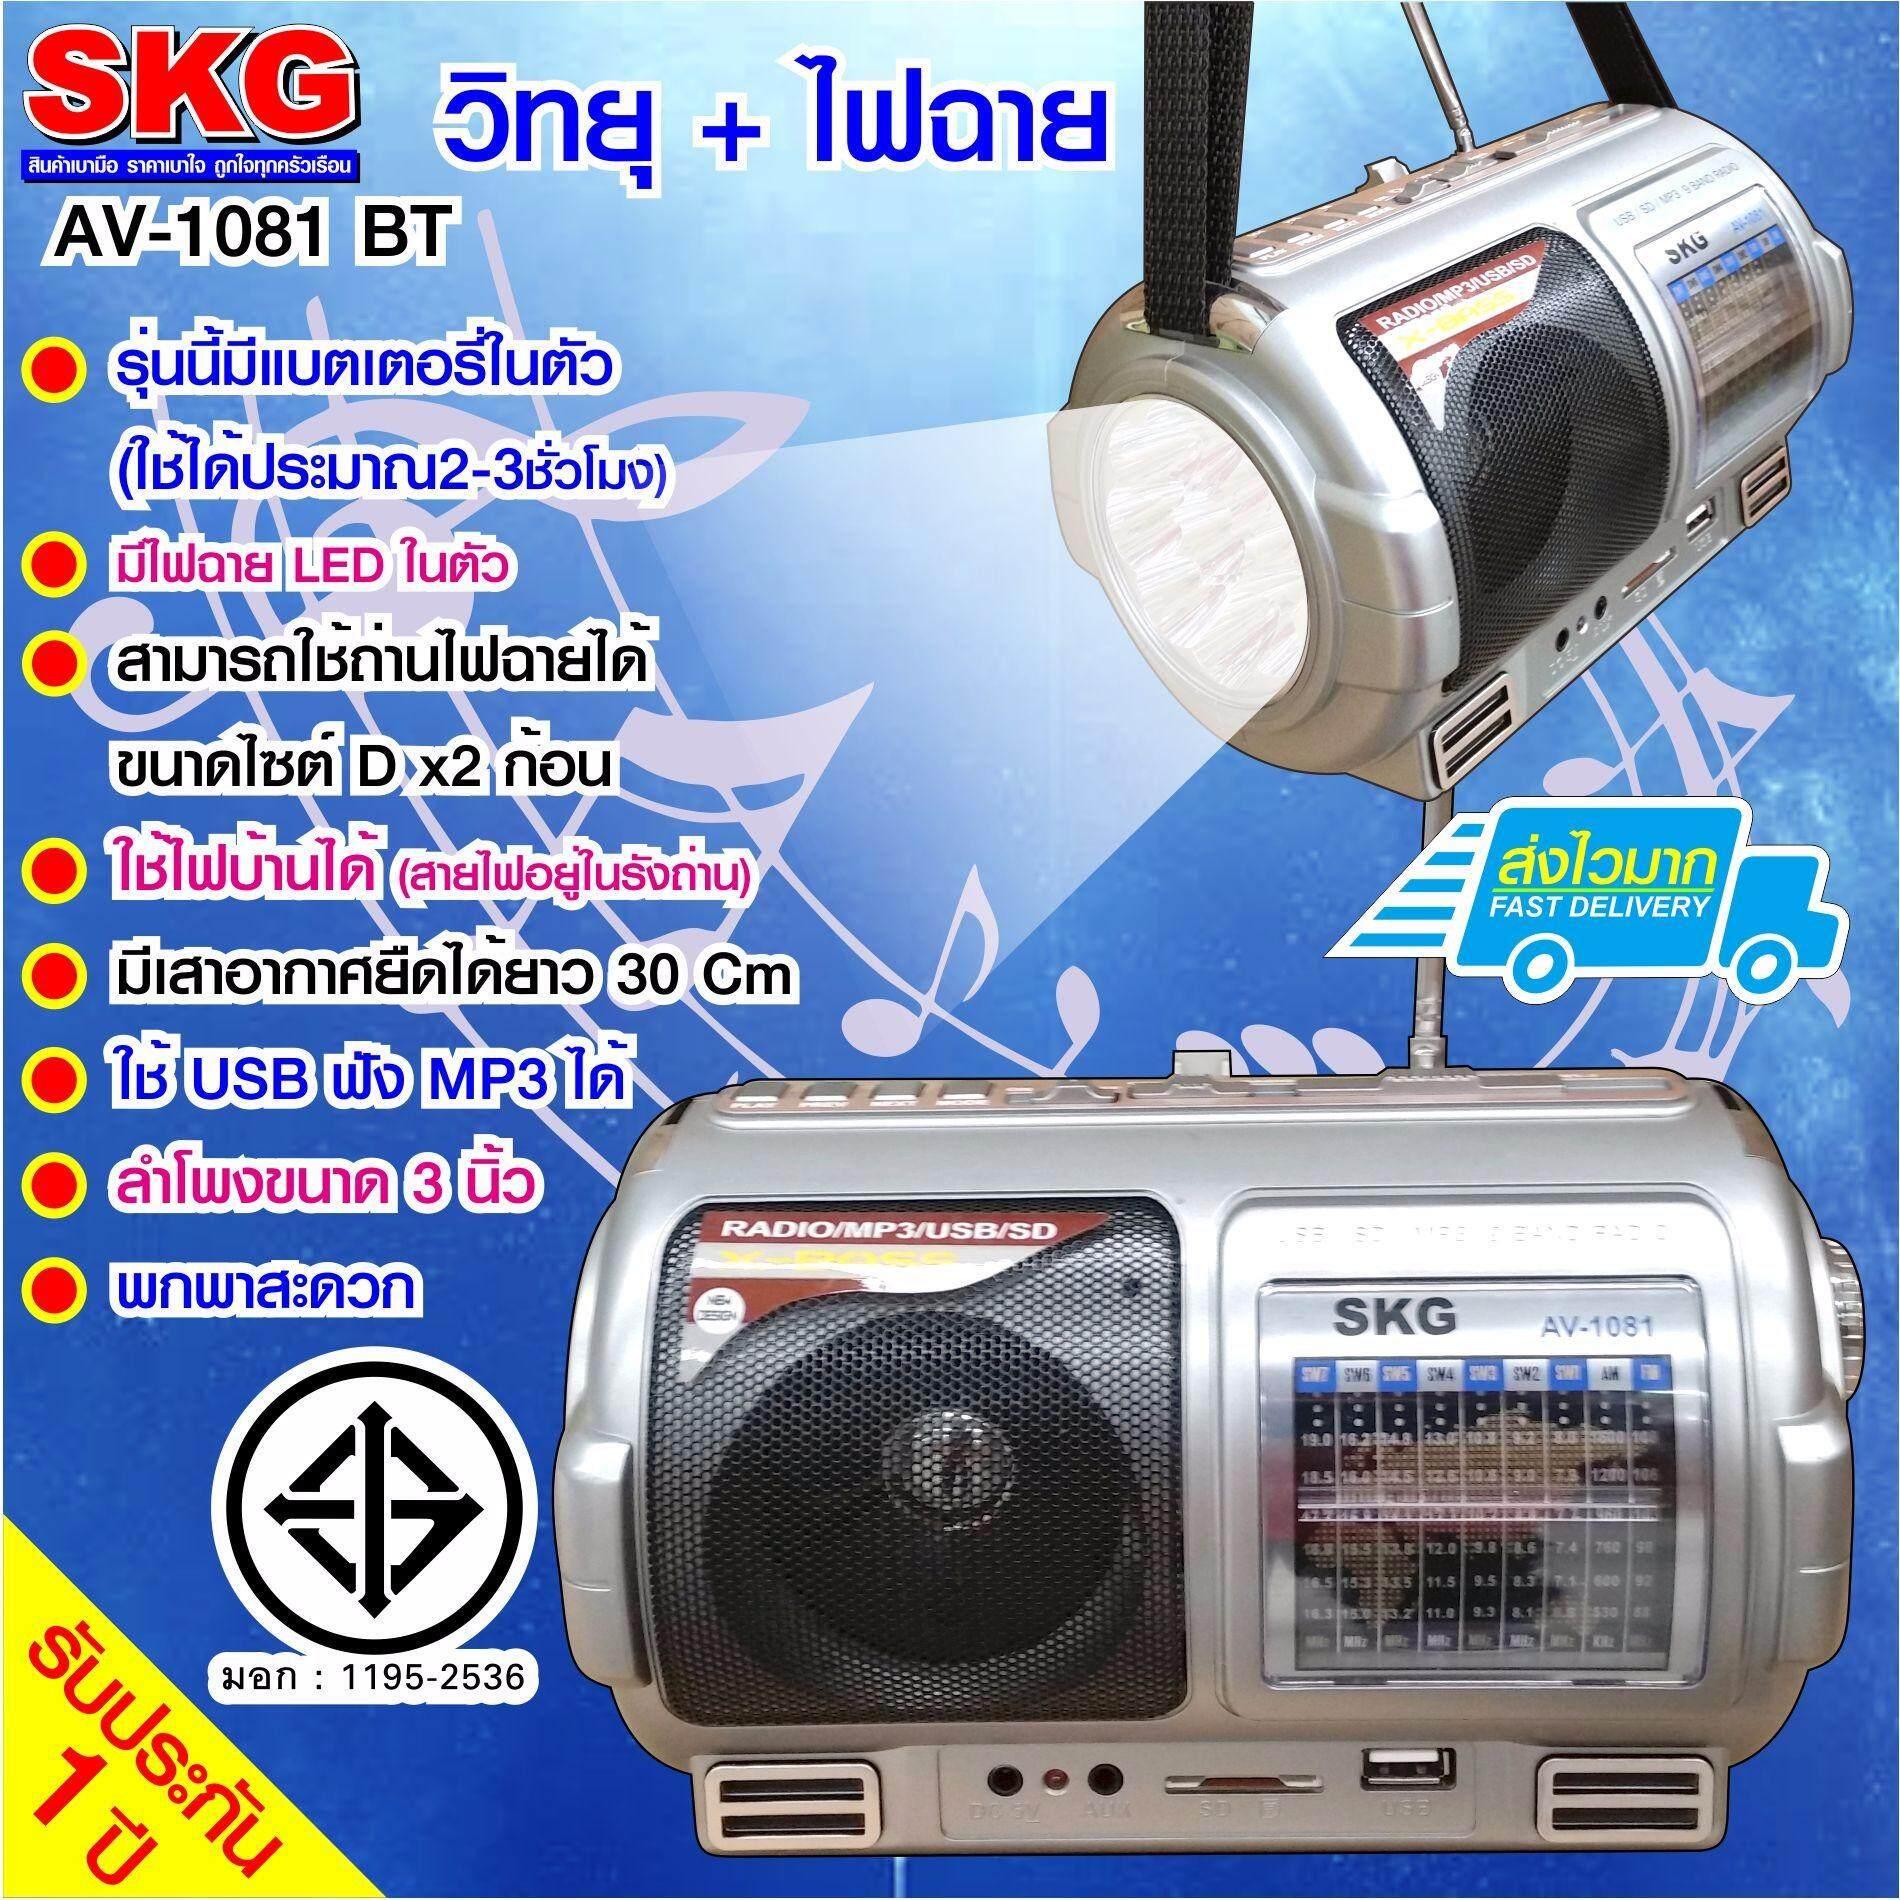 ซื้อ Skg วิทยุ ไฟฉาย รุ่น Av 1081 สีเงิน ถูก ใน กรุงเทพมหานคร